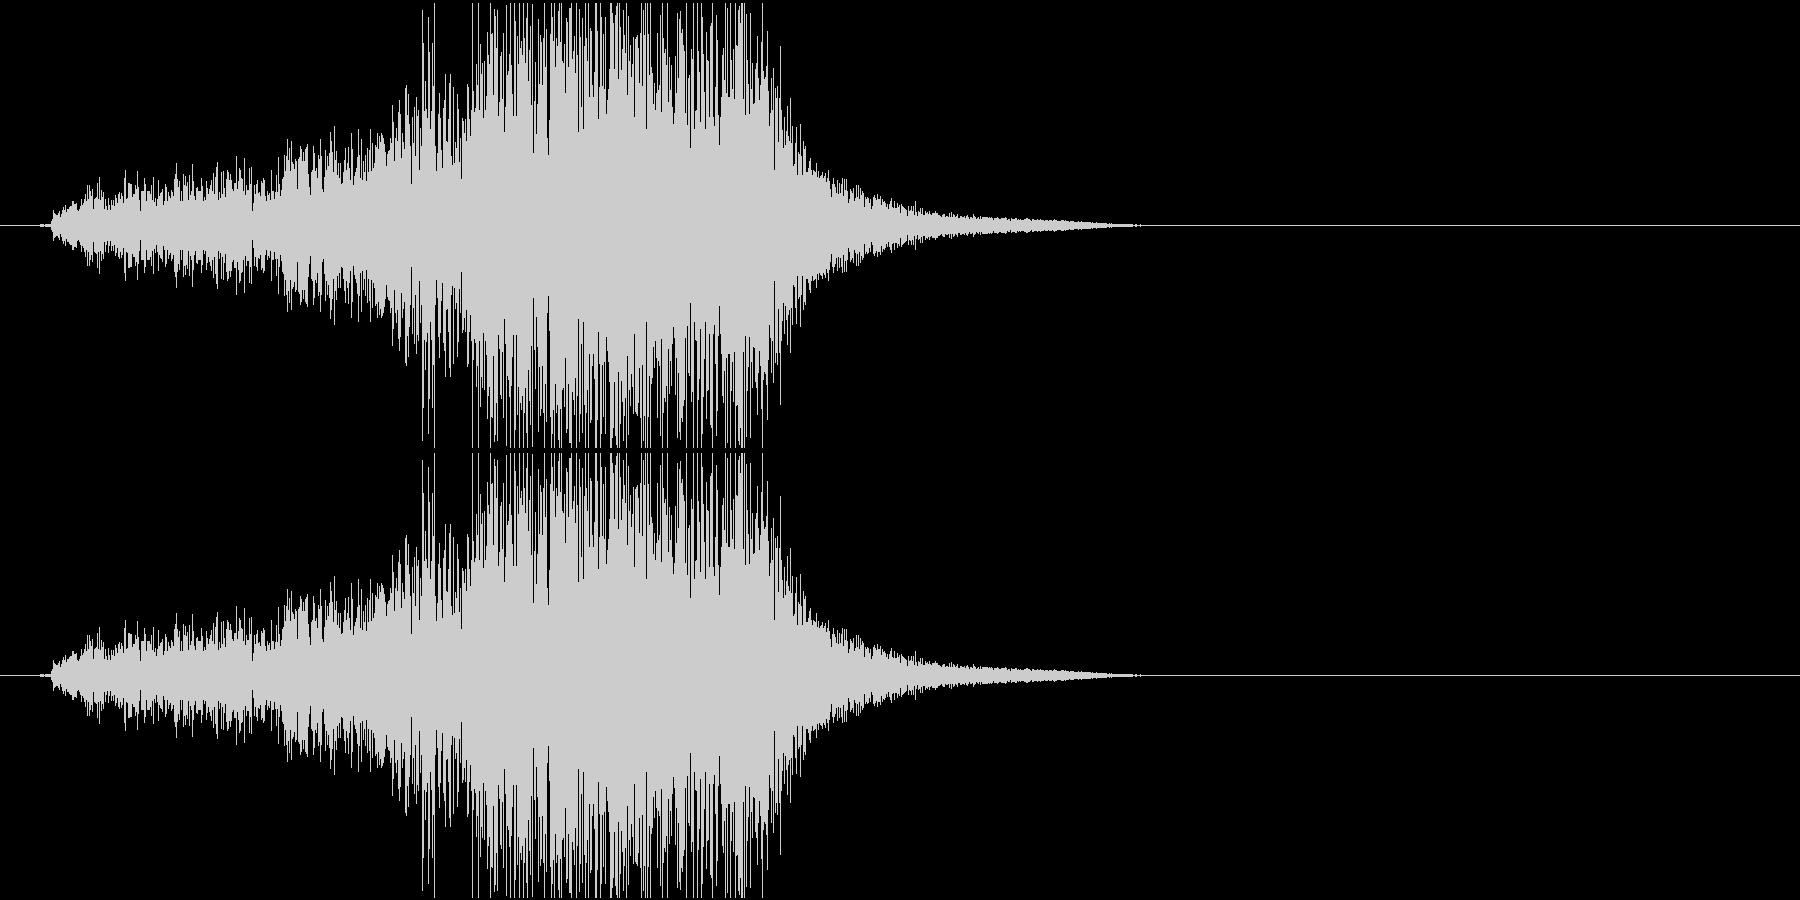 Katana 大型の剣を鞘から抜く音の未再生の波形